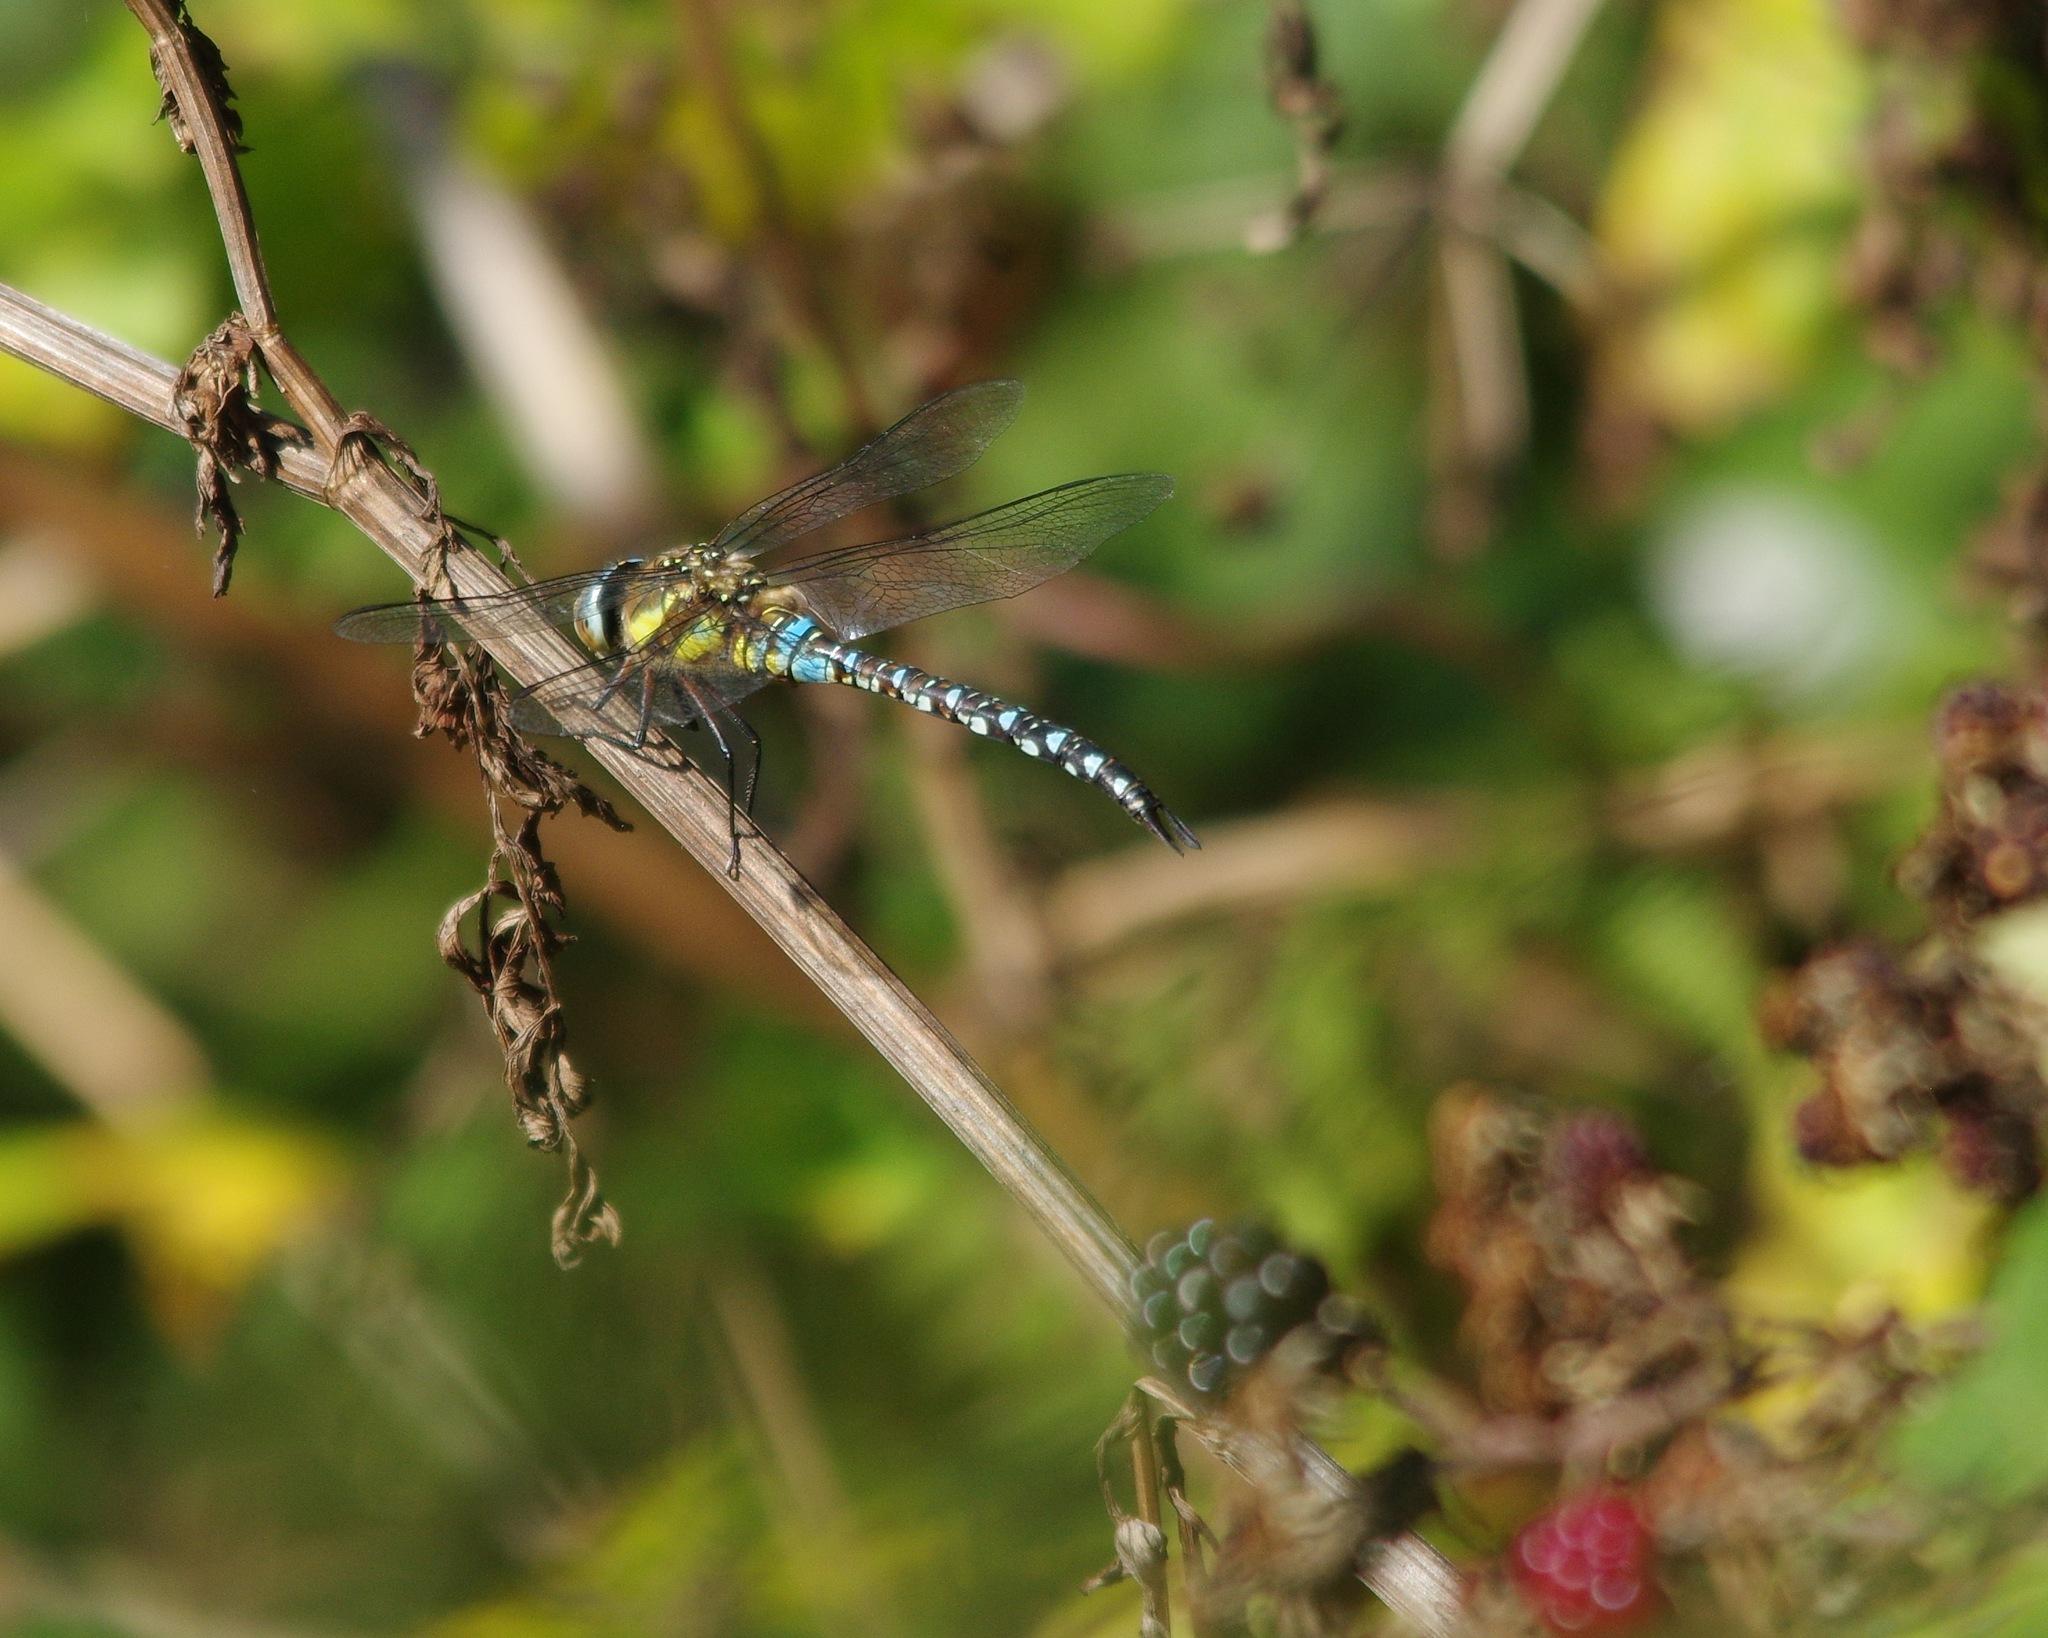 Migrant Hawker Dragonfly by Geoff Munro